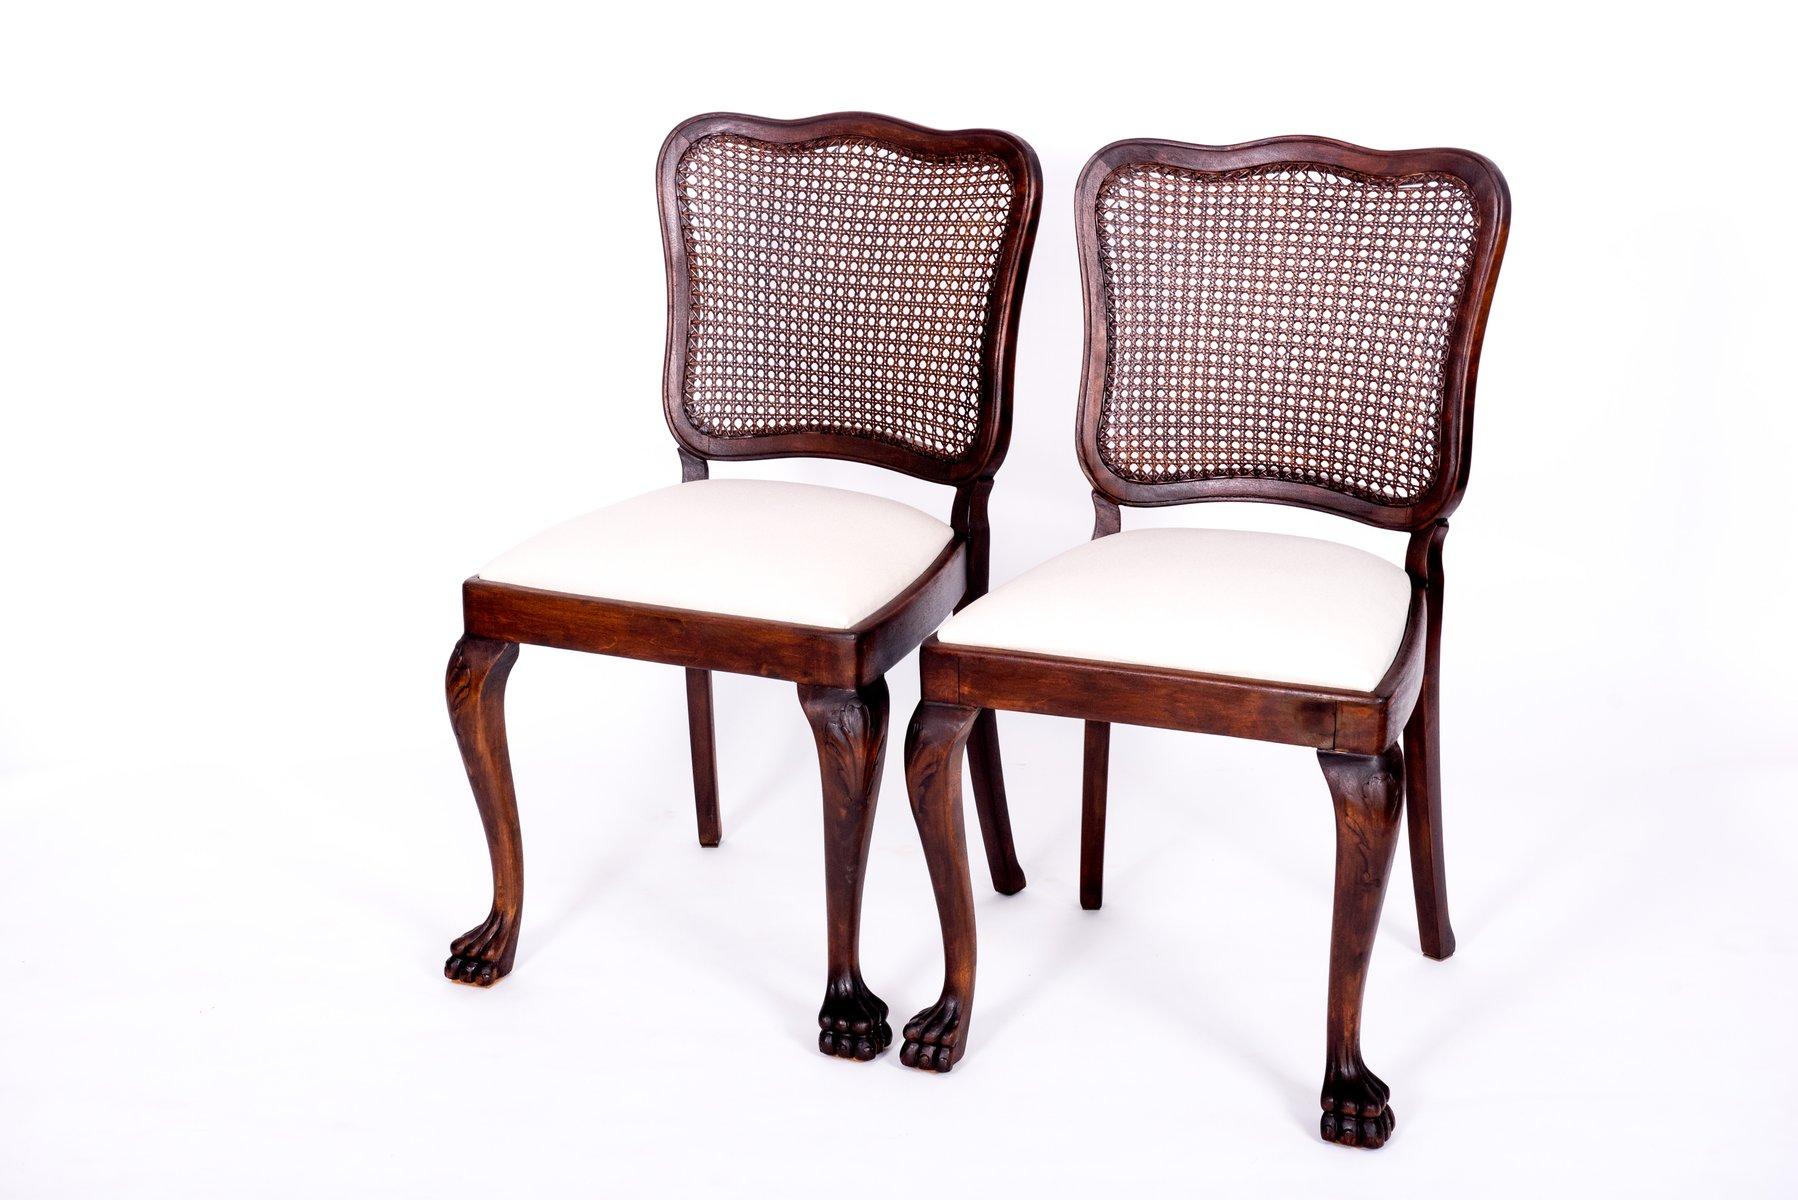 Sedie Stile Chippendale : Tavolo e 4 sedie antichi in stile chippendale in vendita su pamono